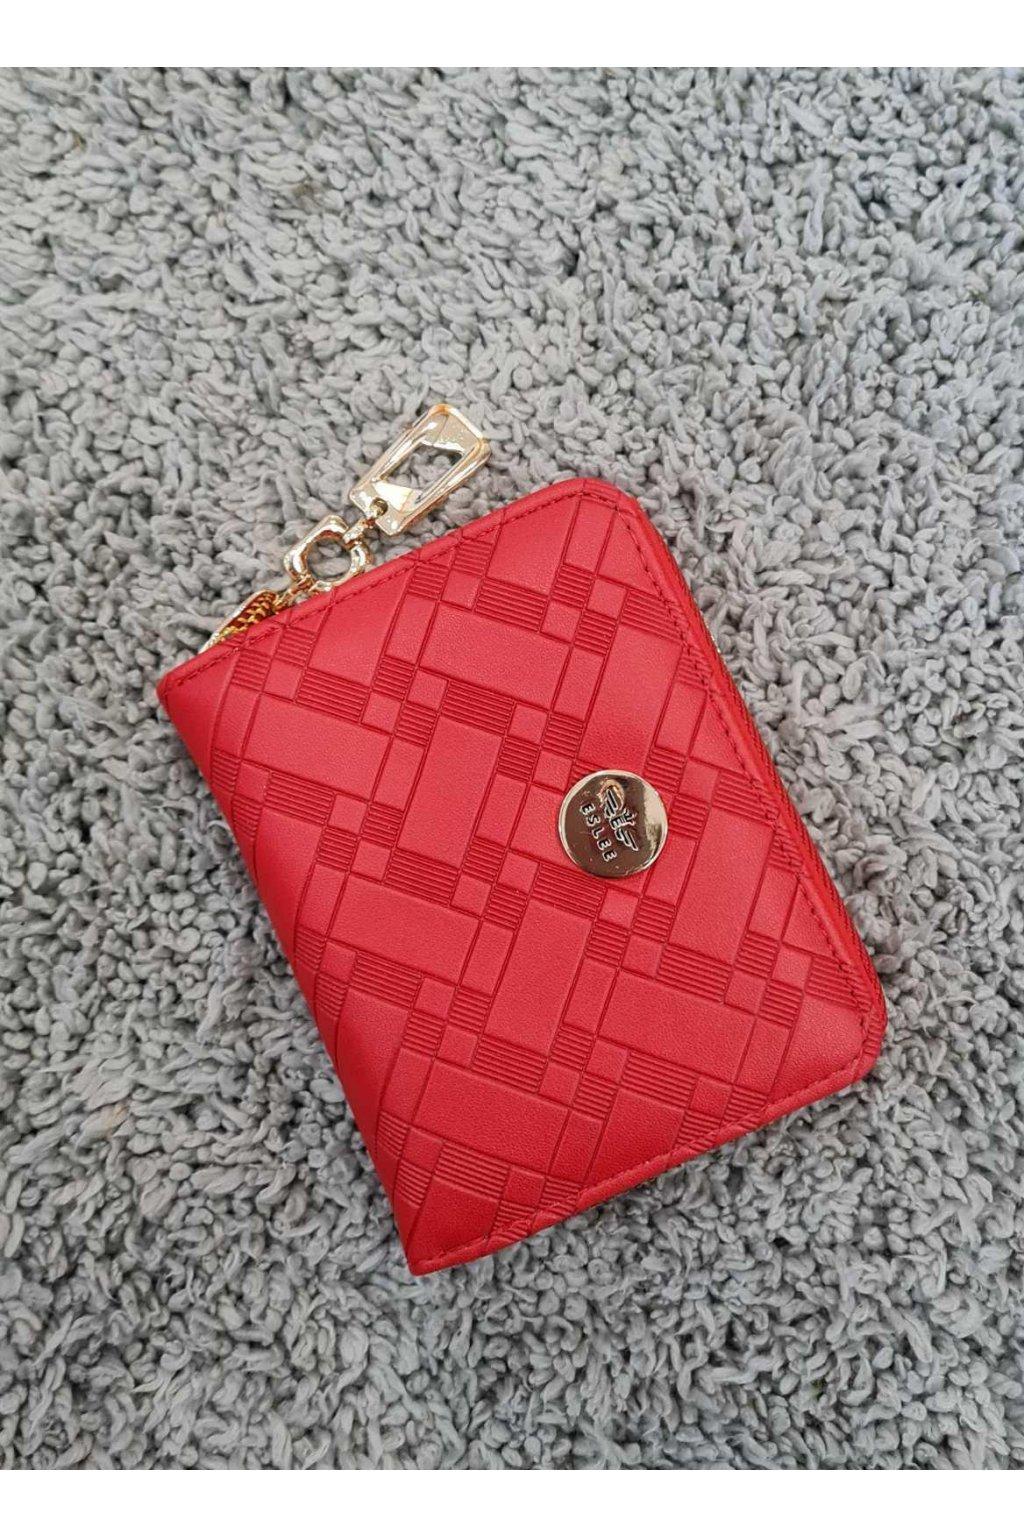 Dámská peněženka ELSLEE červená